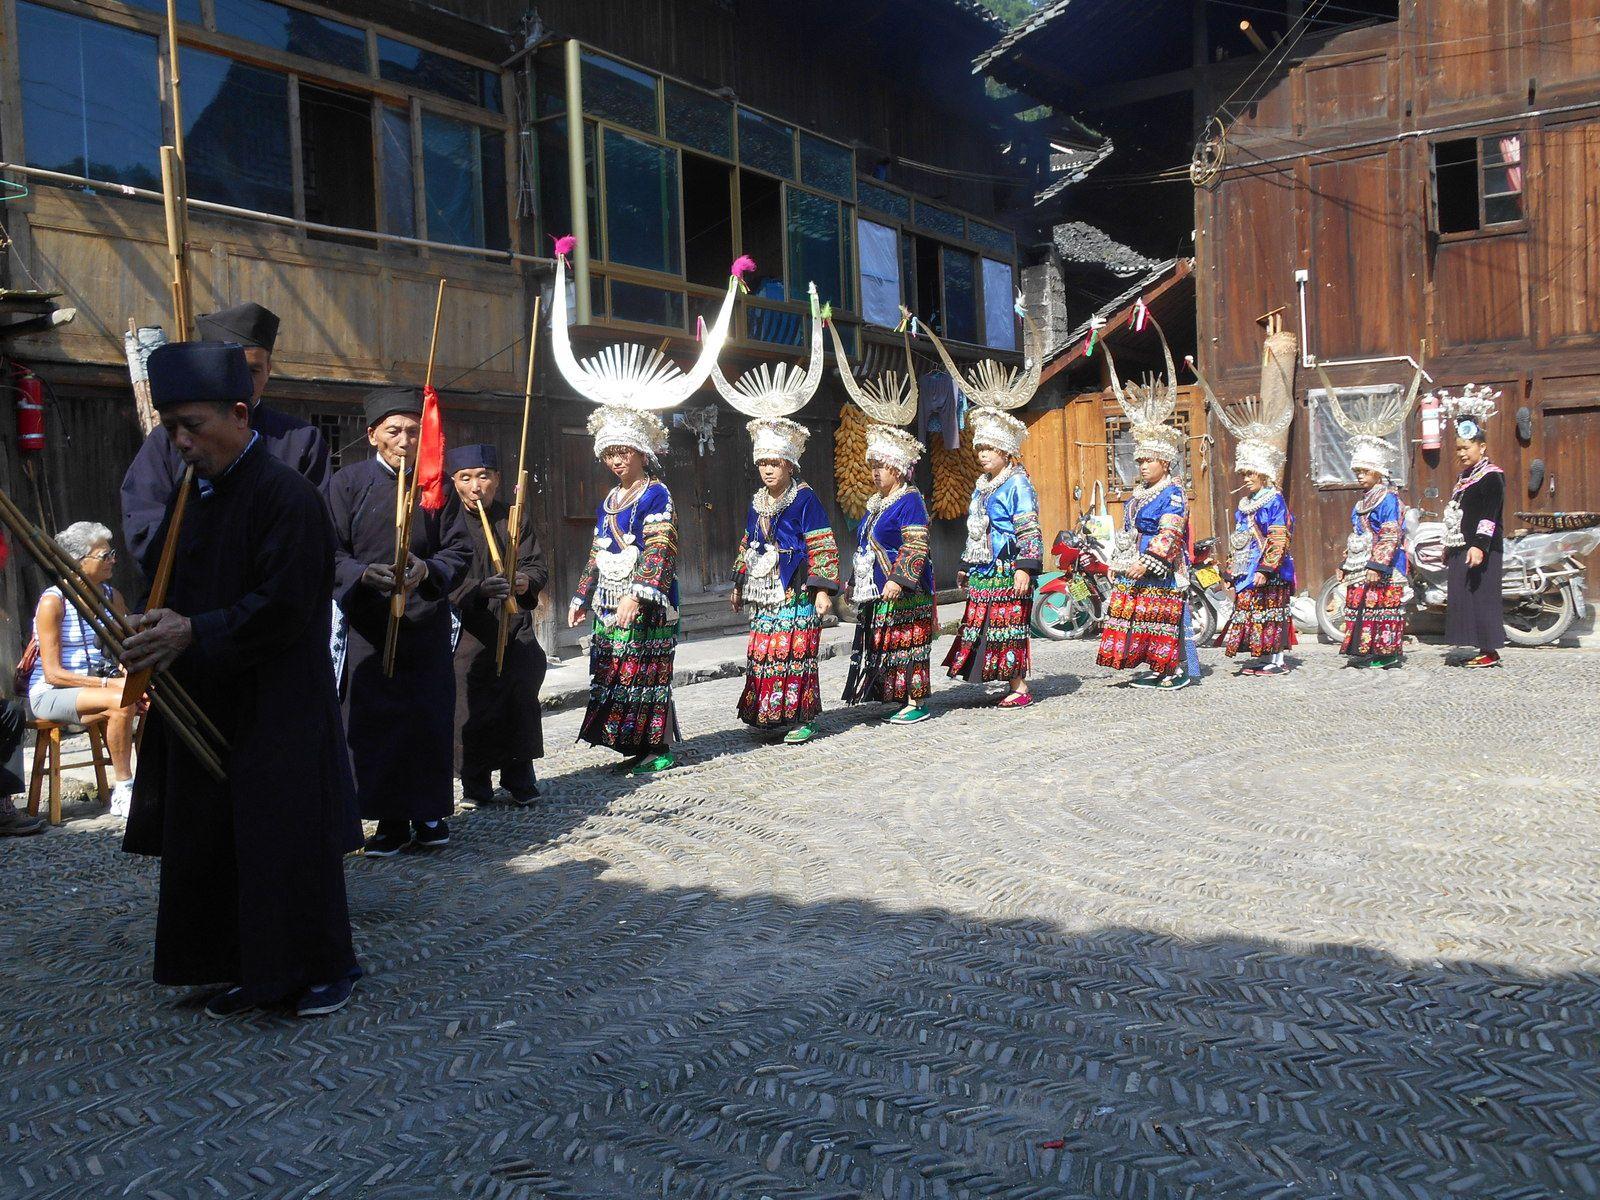 Chine: jour 8 - Le village de Jidao (Minorité ethnique Miao)